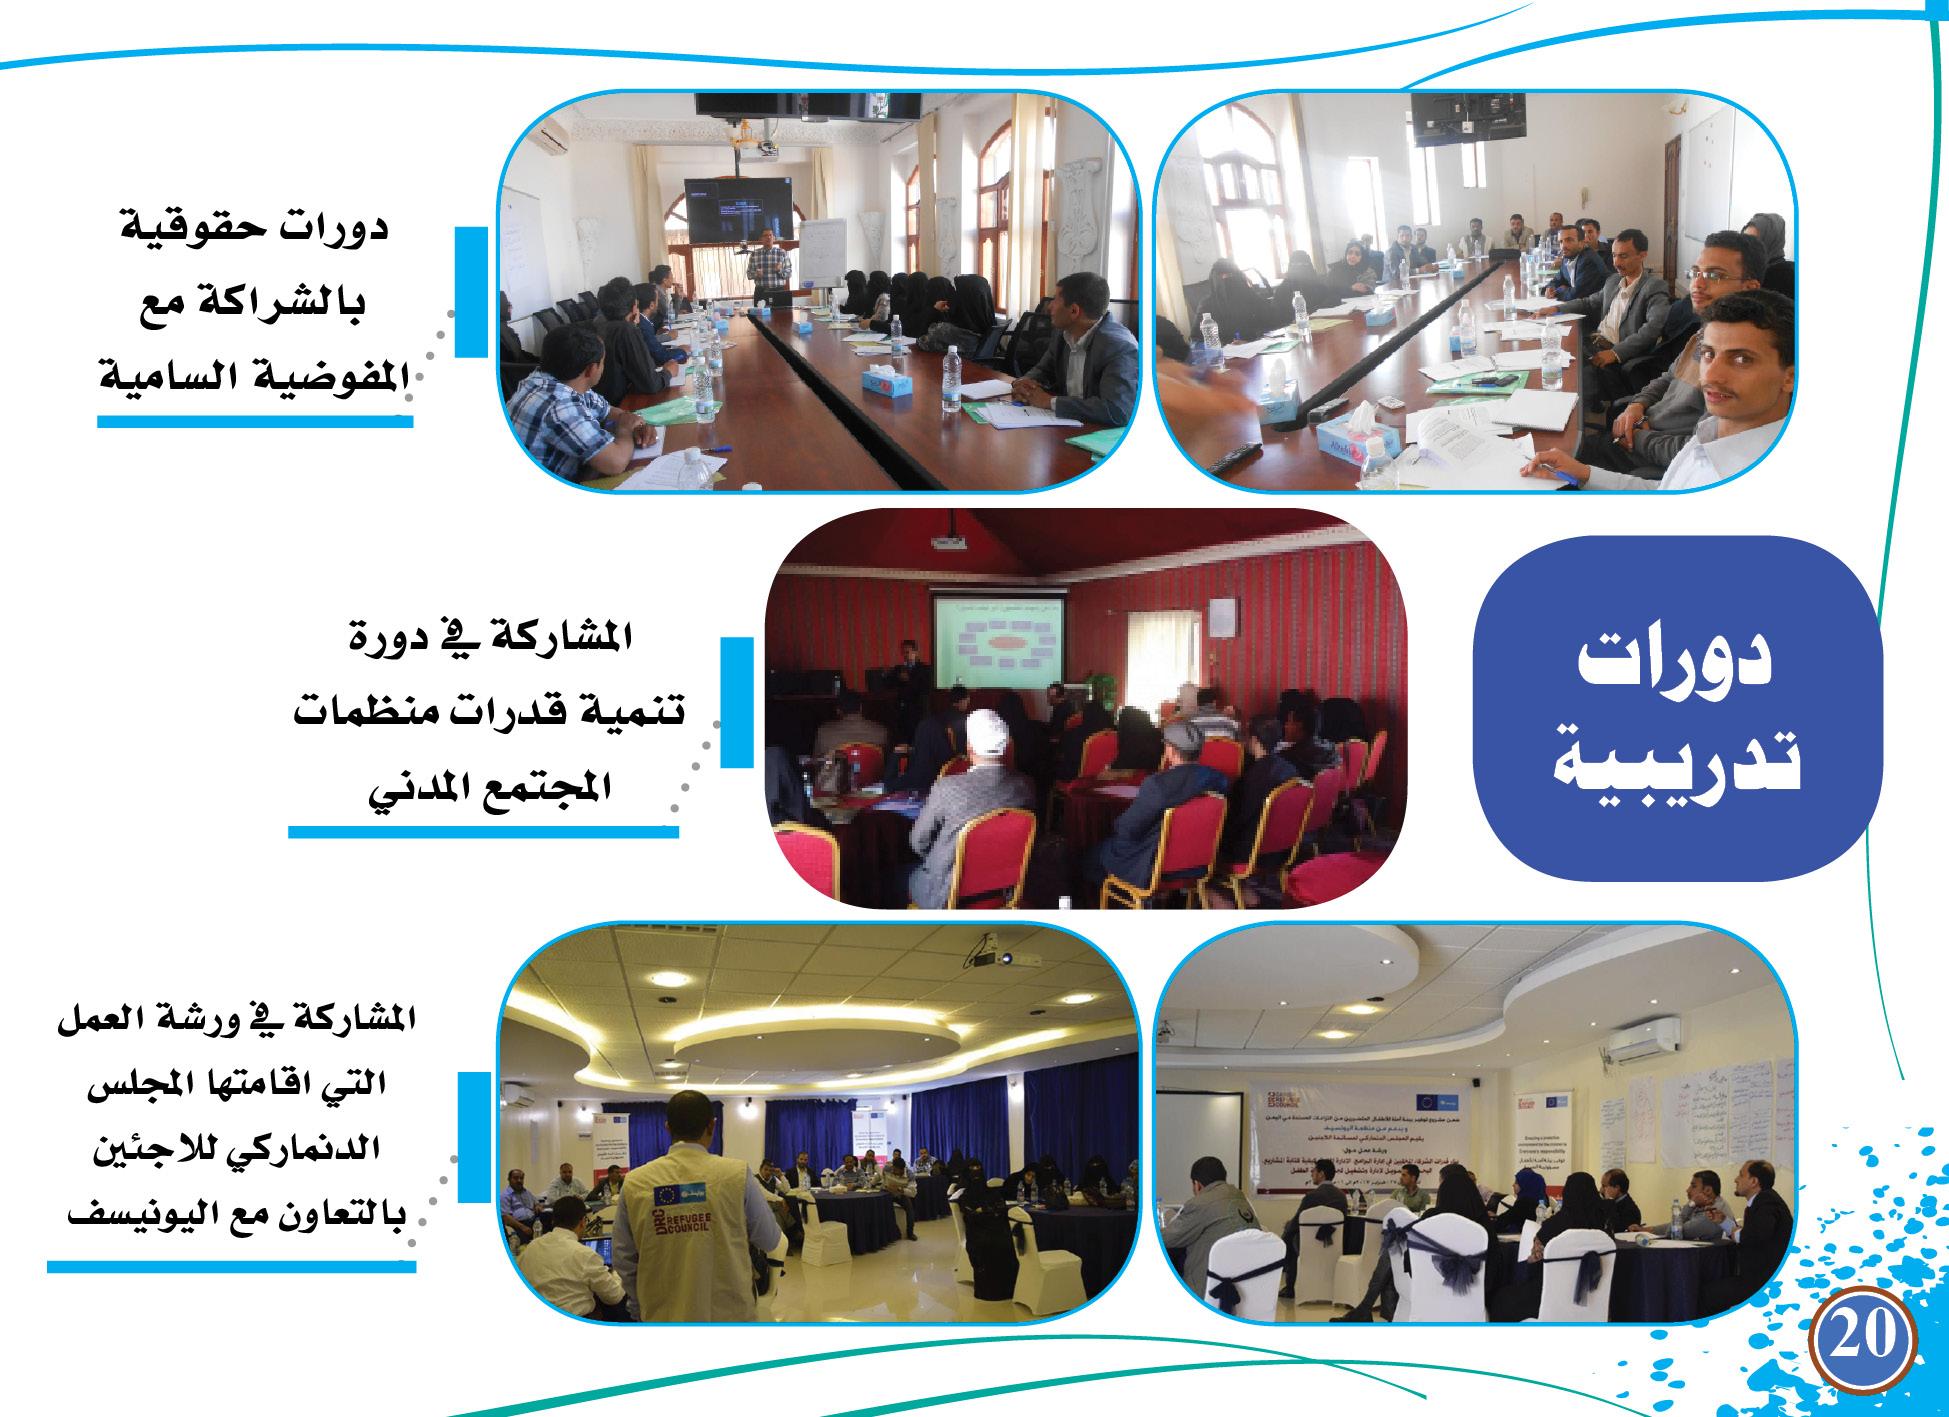 برشور المركز القانوني باللغة العربية20